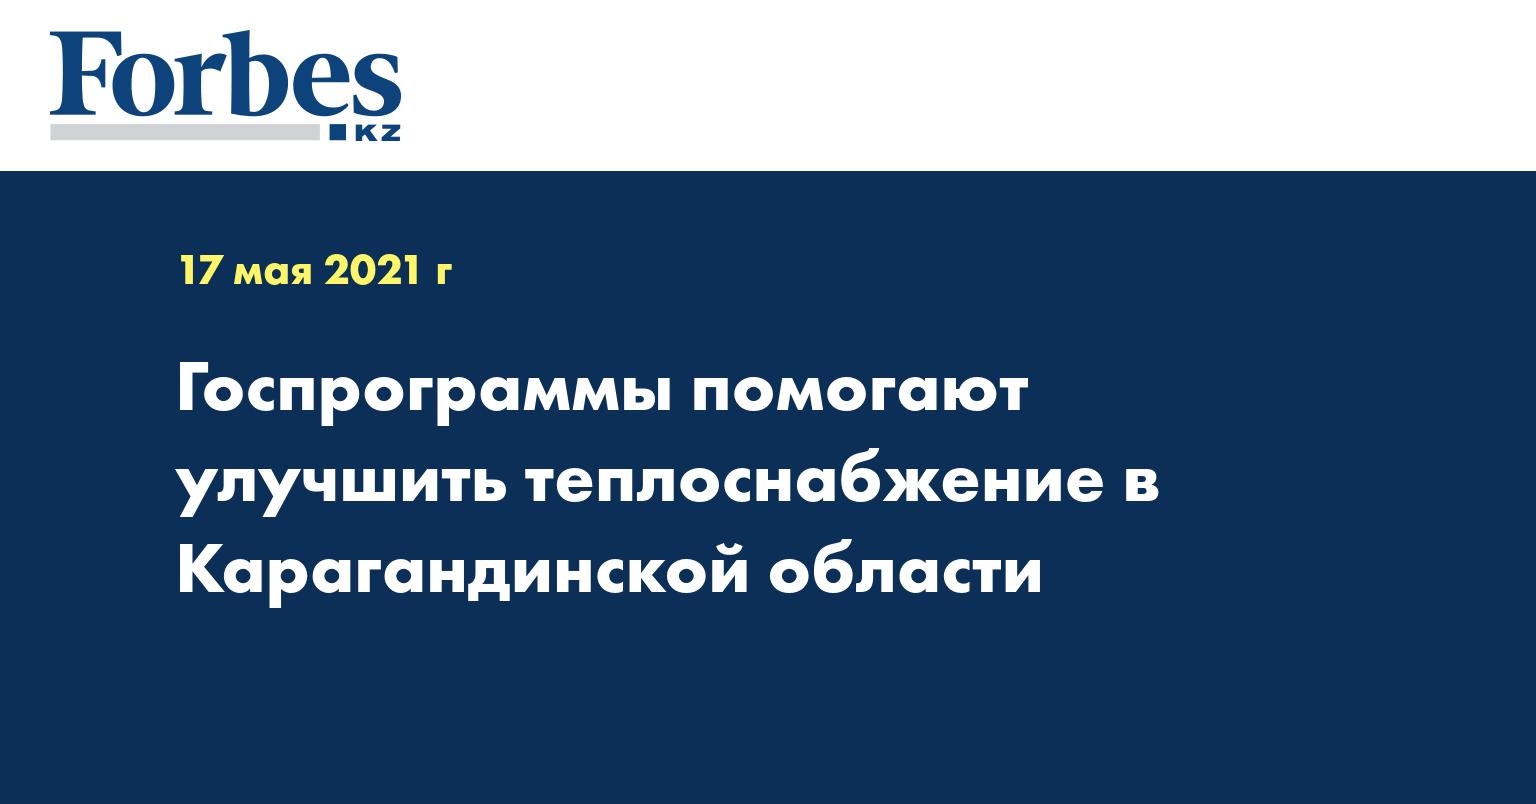 Госпрограммы помогают улучшить теплоснабжение в Карагандинской области